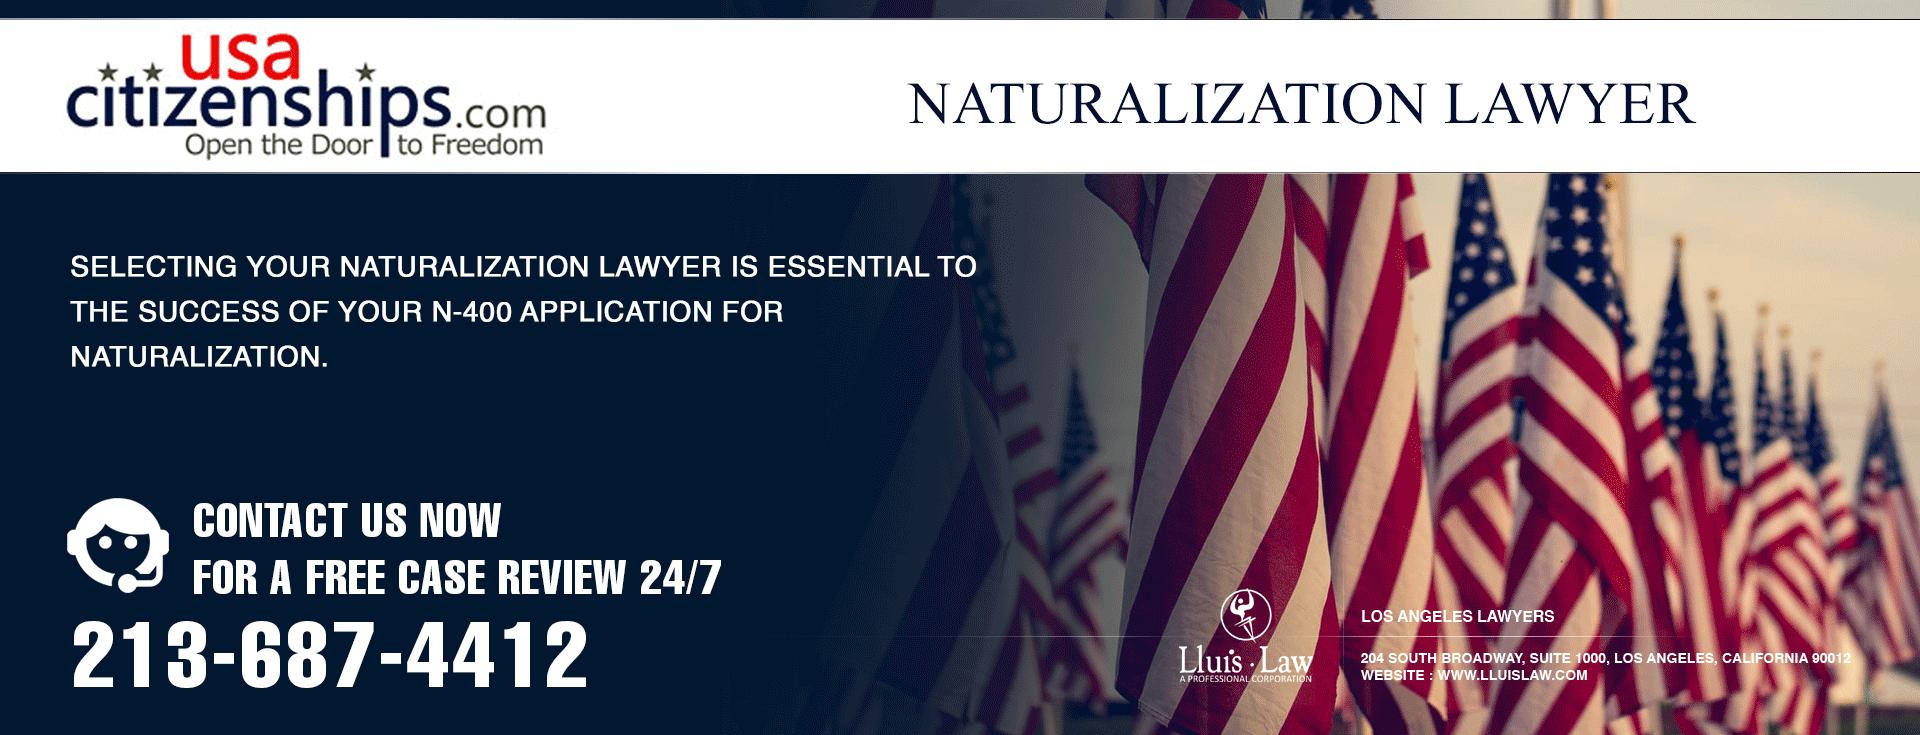 Naturalization Lawyer